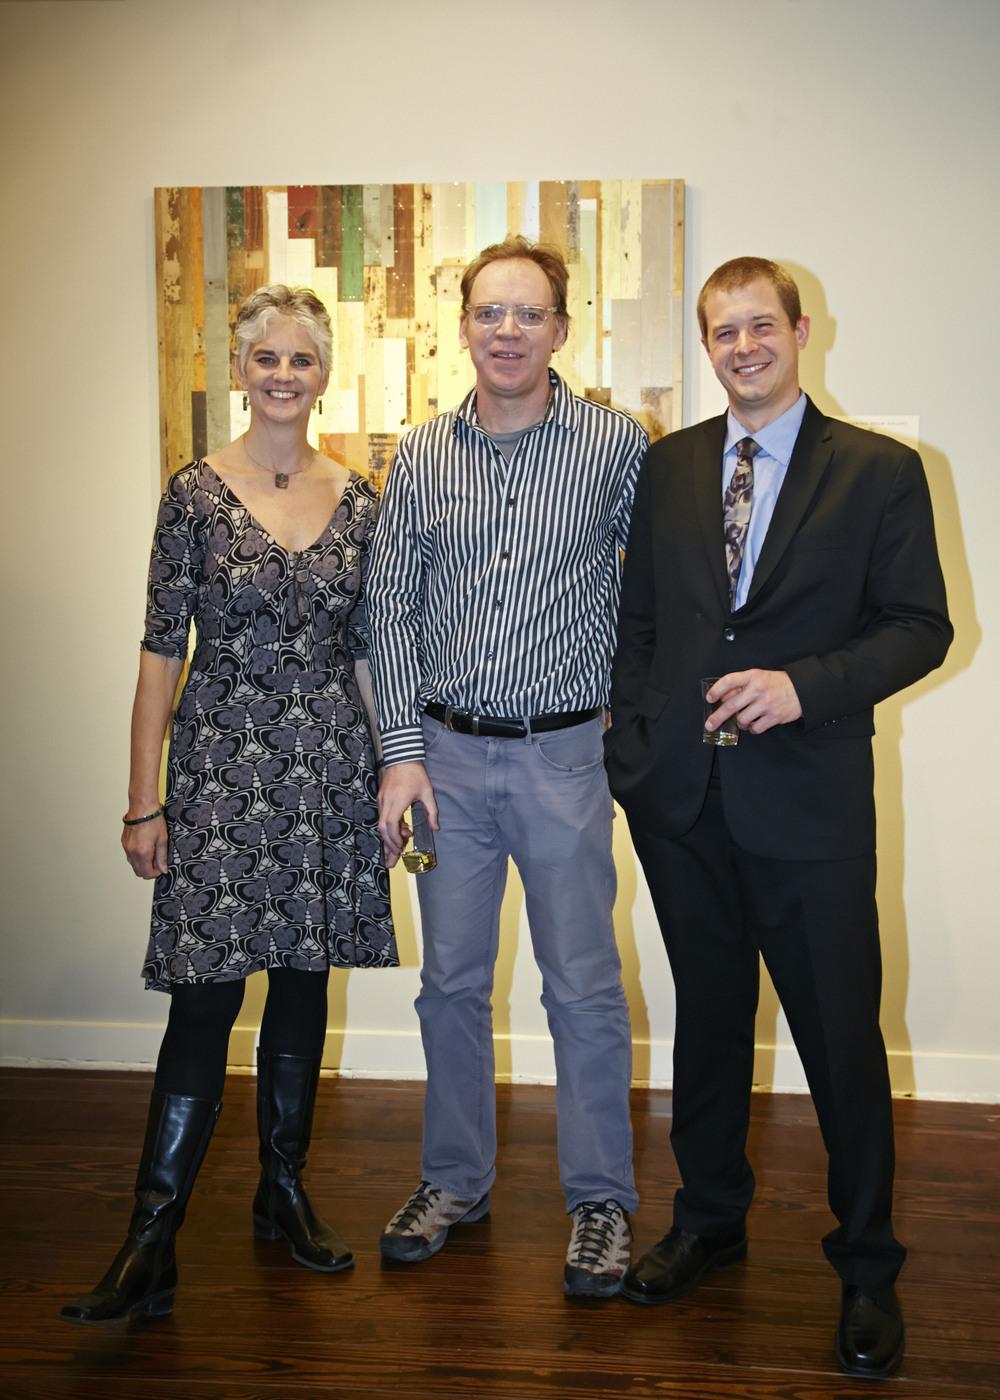 IMG_0049 Carol MacDonald, Duncan Johnson, Eric Reinemann.jpg